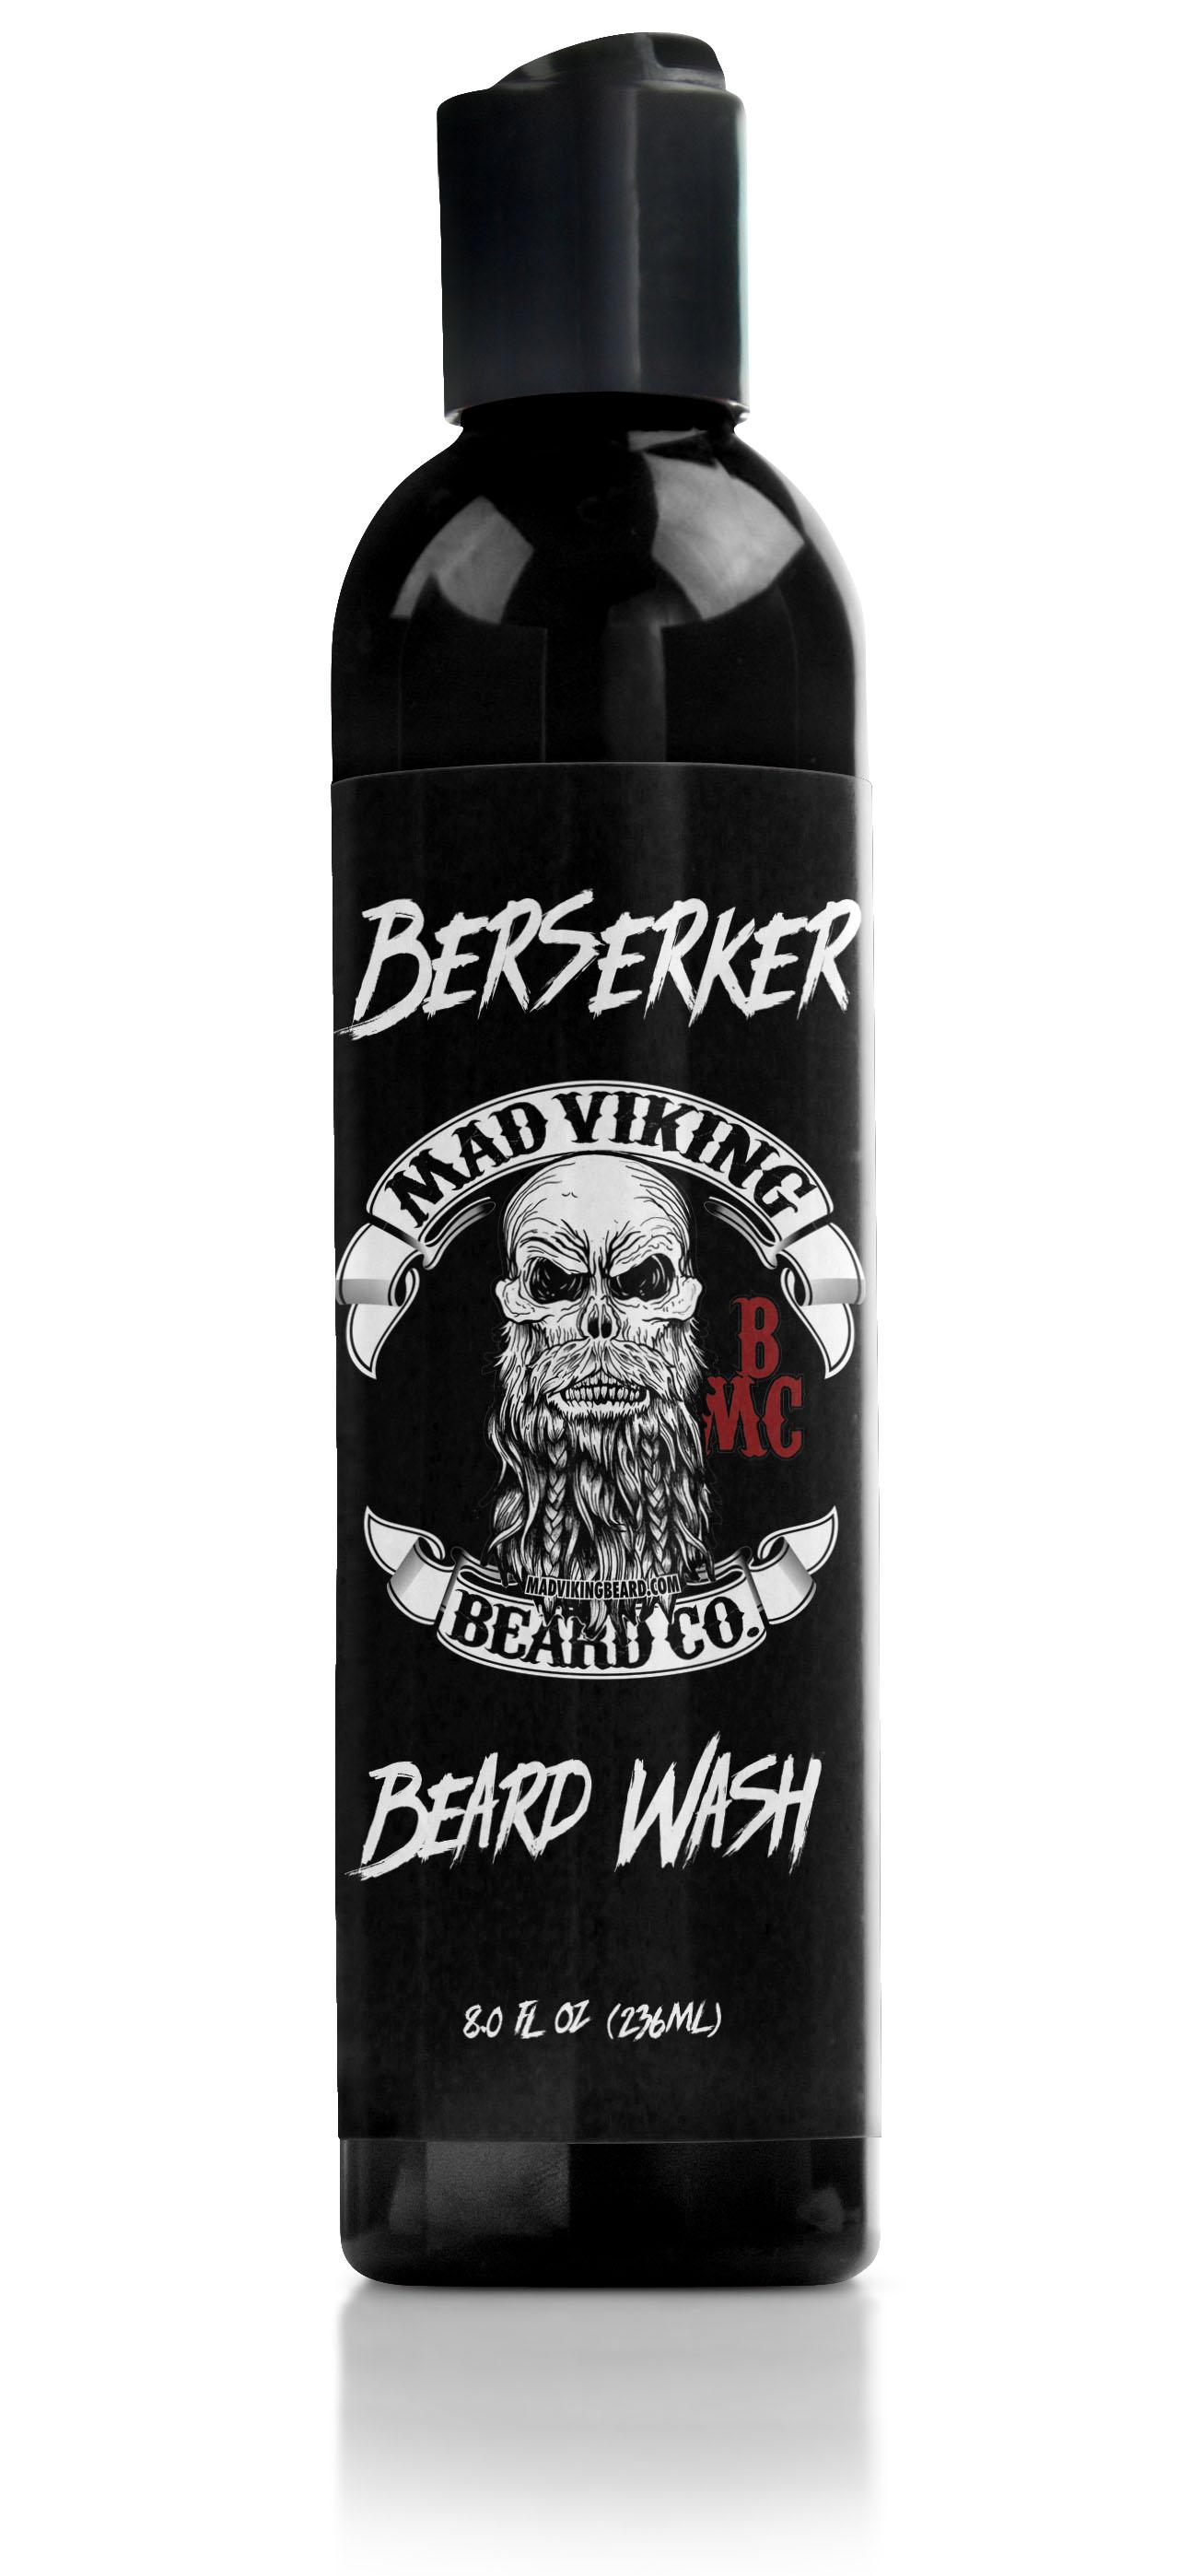 Berserker Mad Viking's Beard Wash